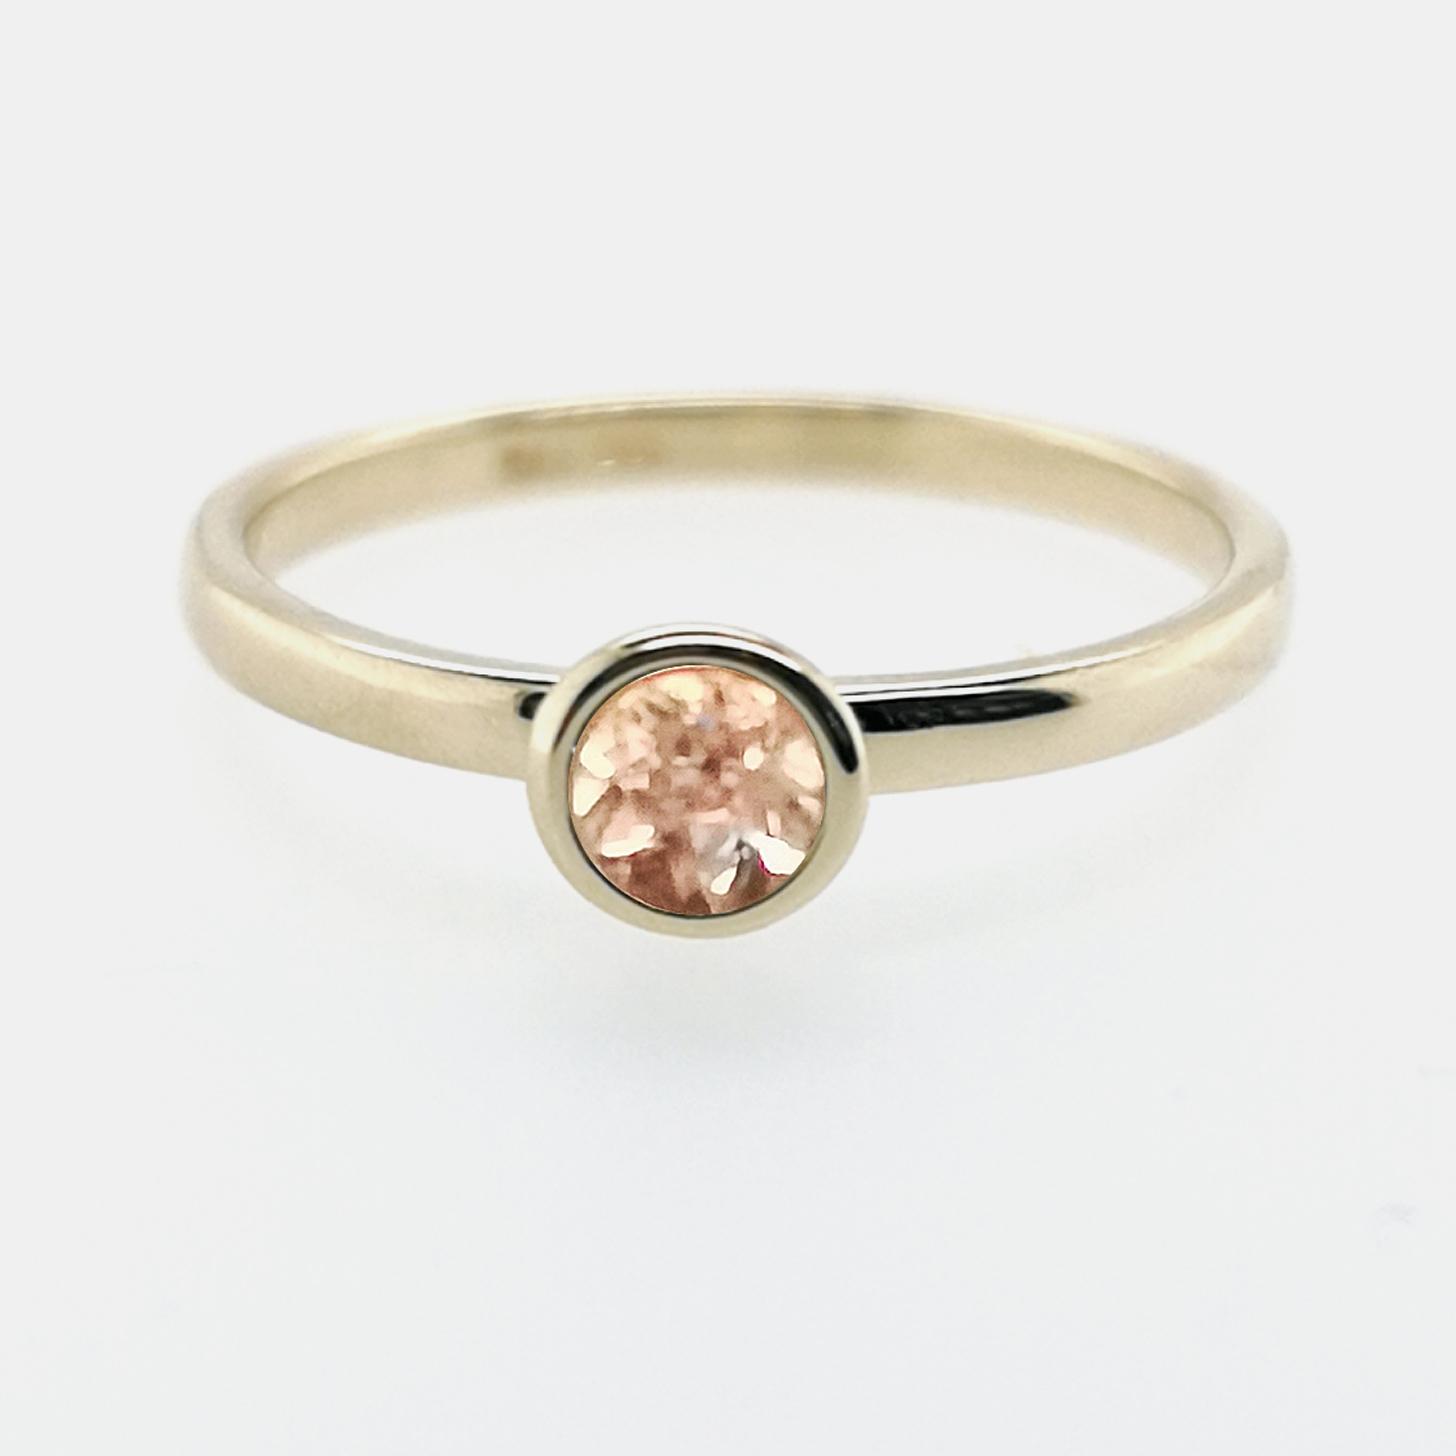 Ring mit Morganit zart rosa, facettiert ca. 0,25 ct Edelstein, aus 585 Gelbgold, Sogni d´oro Facettenreich